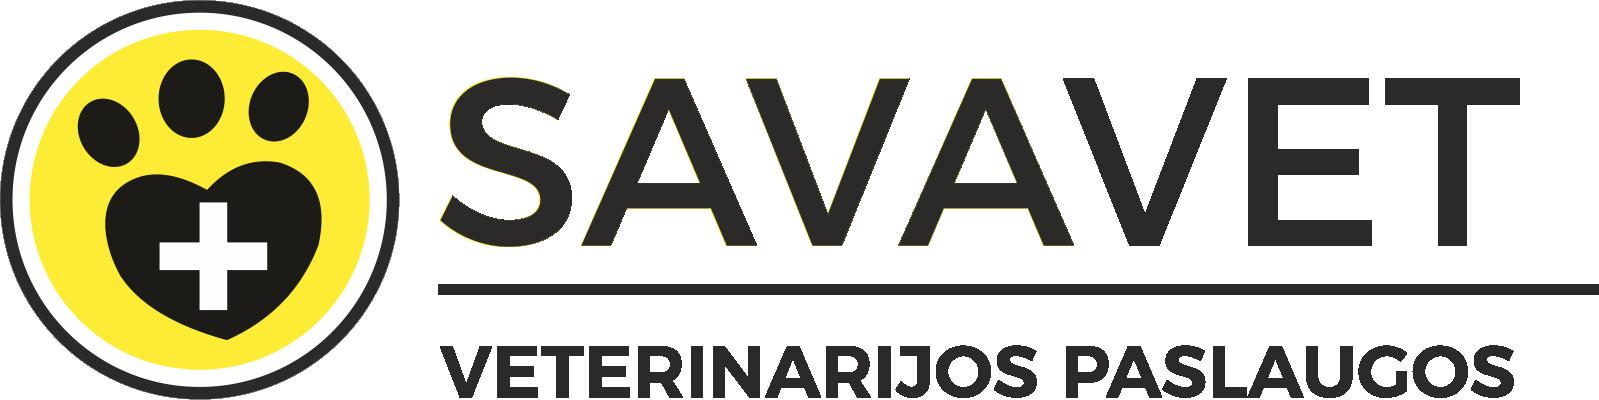 SavaVet - veterinarijos paslaugos.